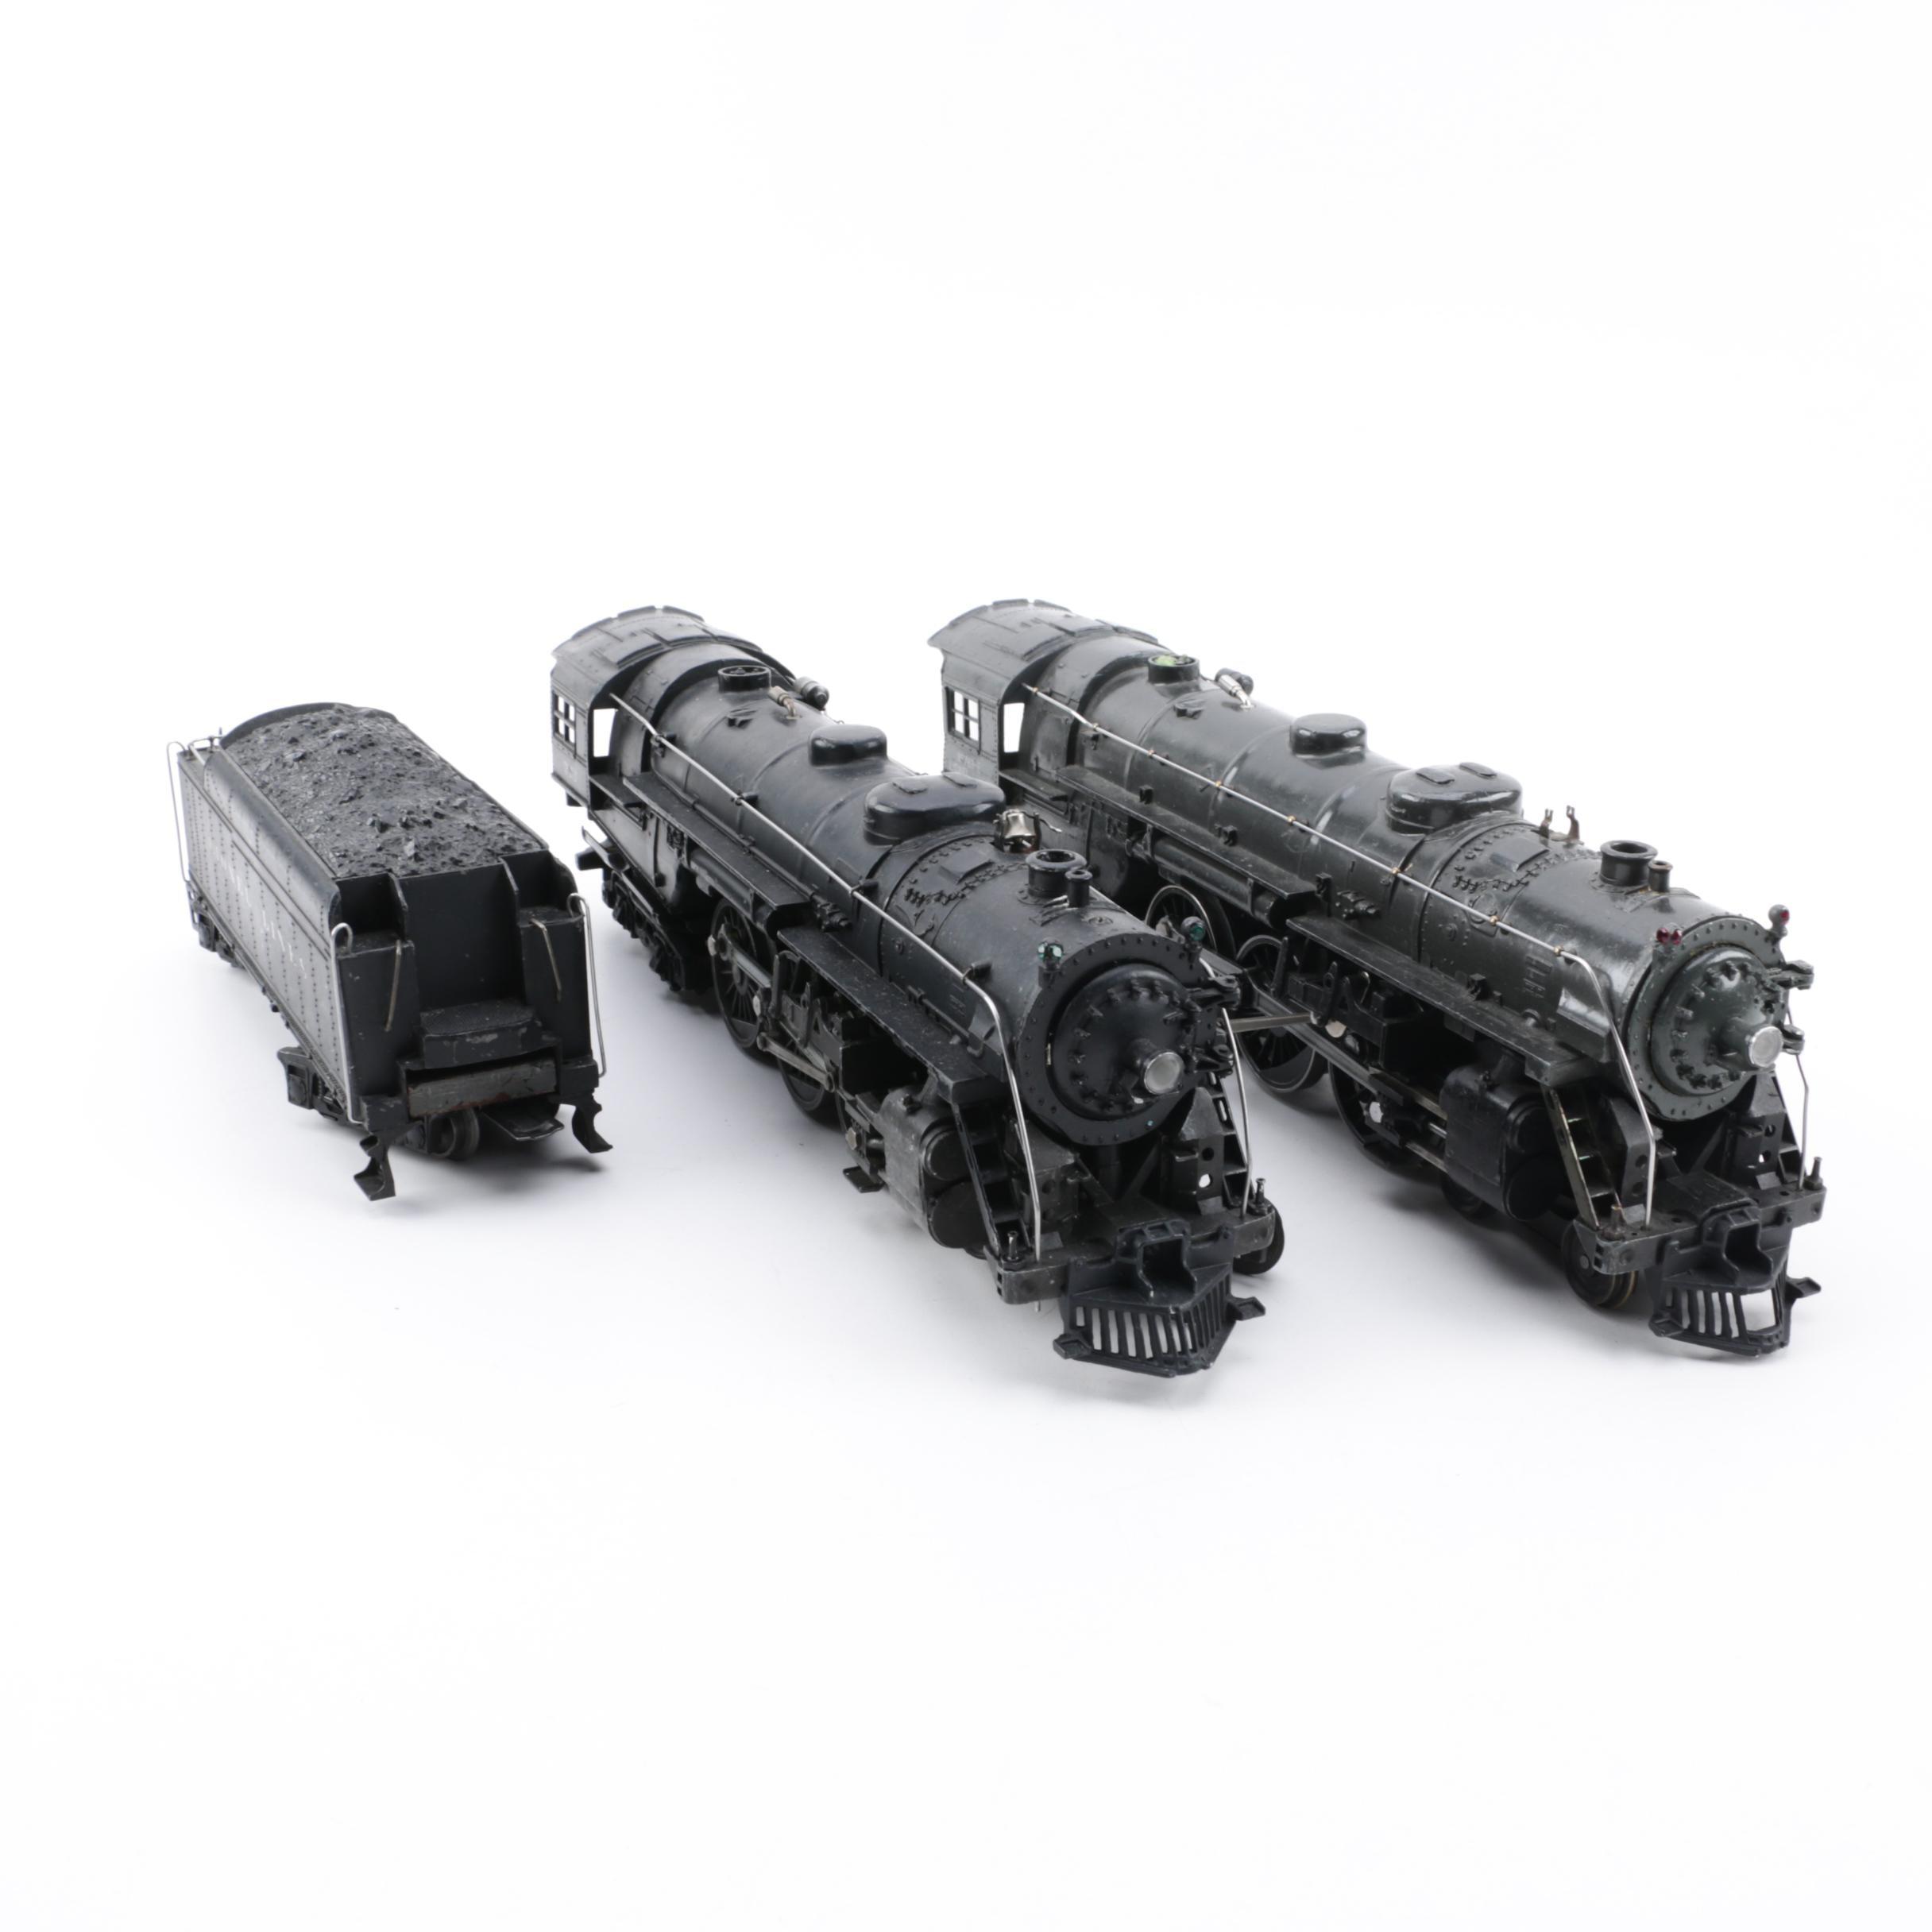 Lionel Hudson Type Steam Locomotives and Tender including Pre-War